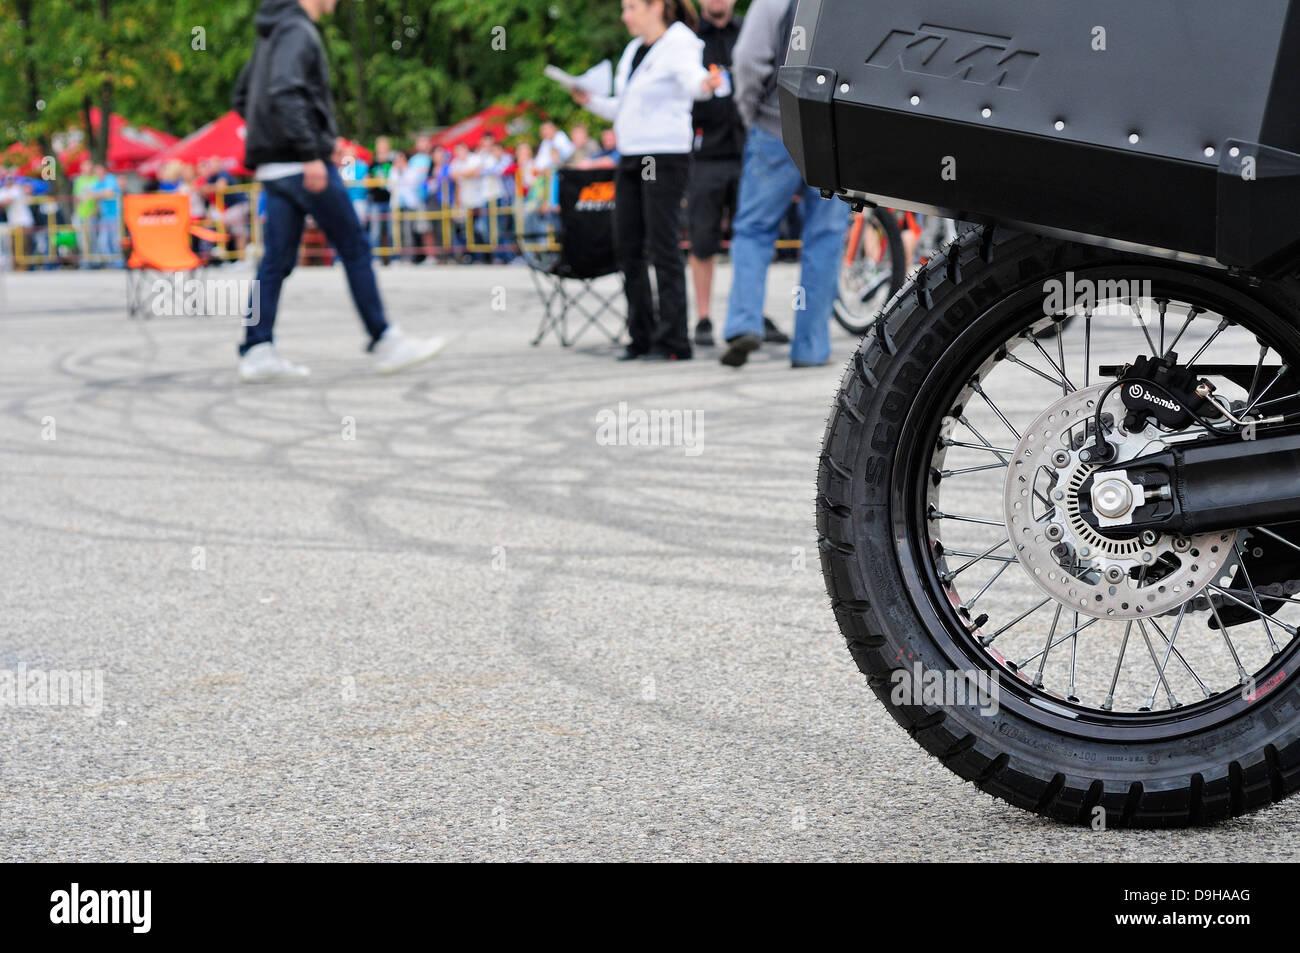 Roue de moto avec surface goudronnée marqué avec marques de dérapage Photo Stock